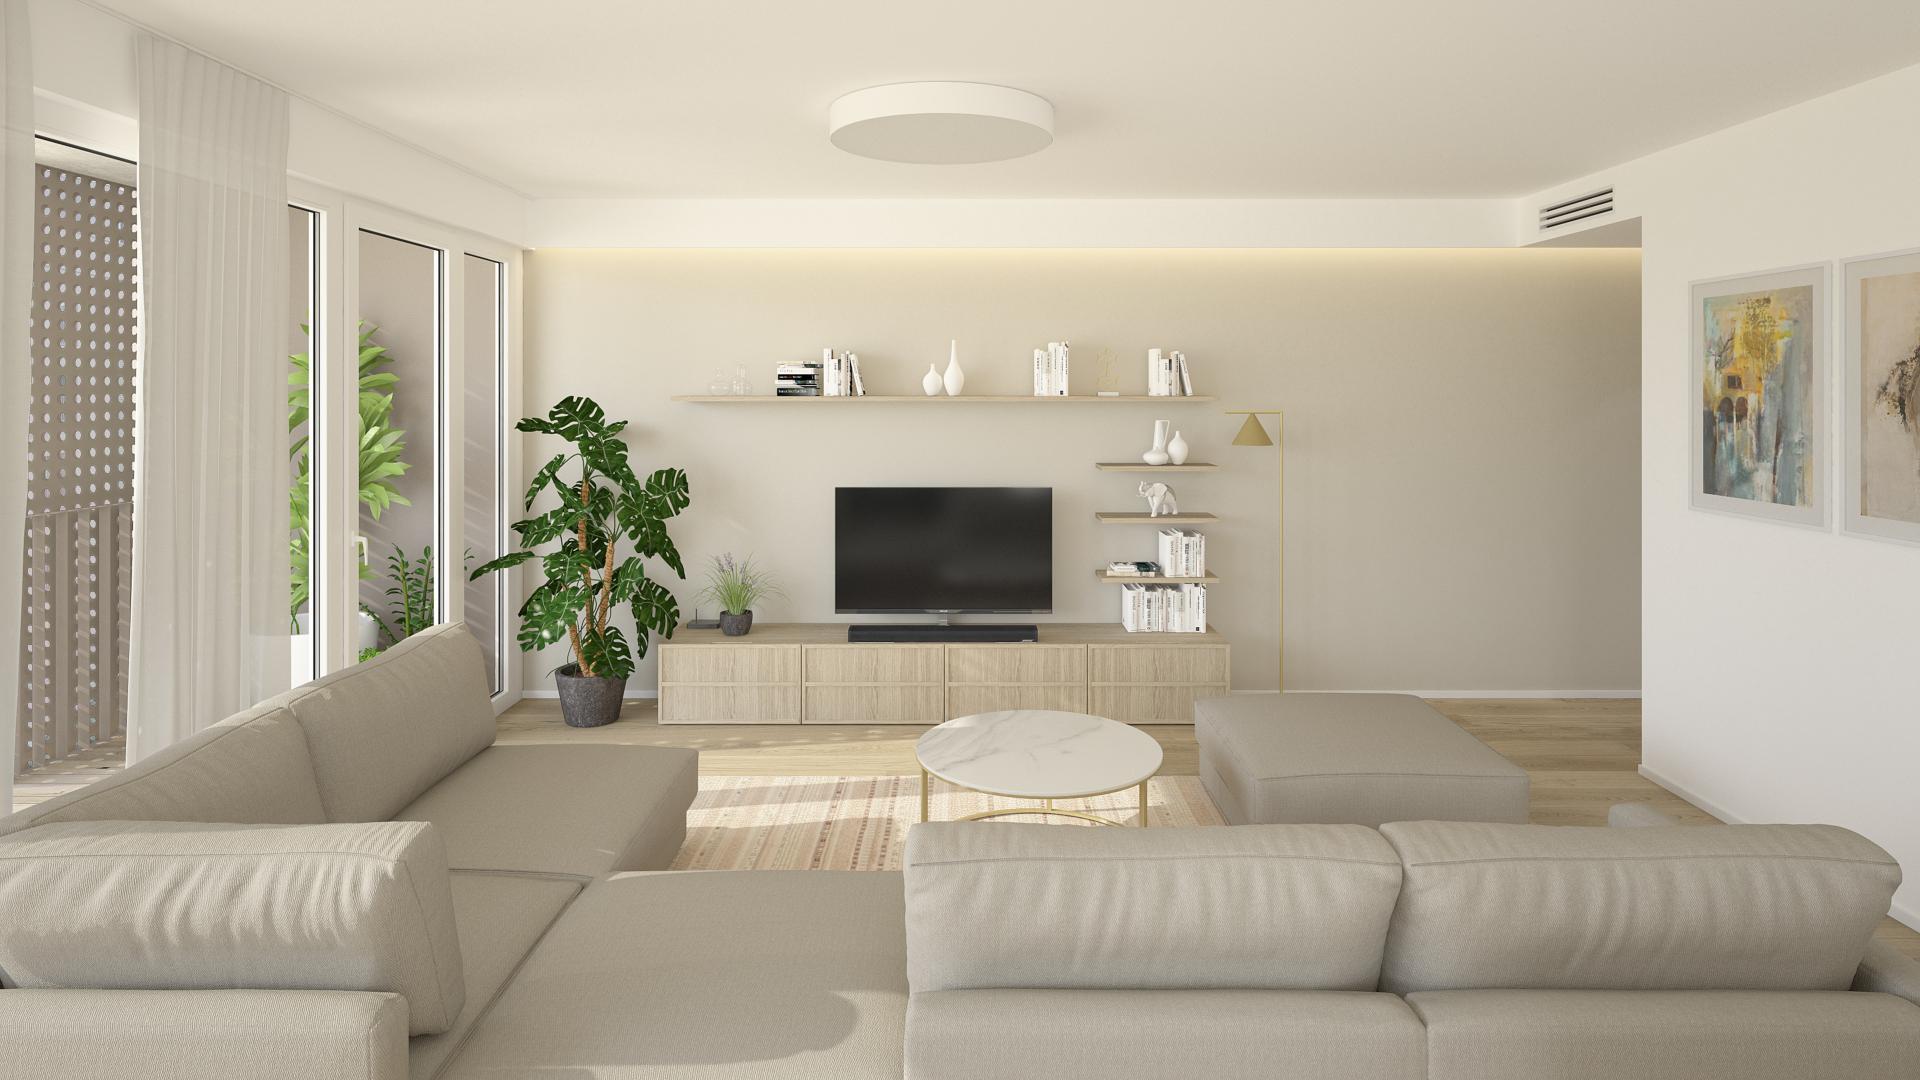 Rezidencie Pri mýte - zariadenie 4 - izbového bytu